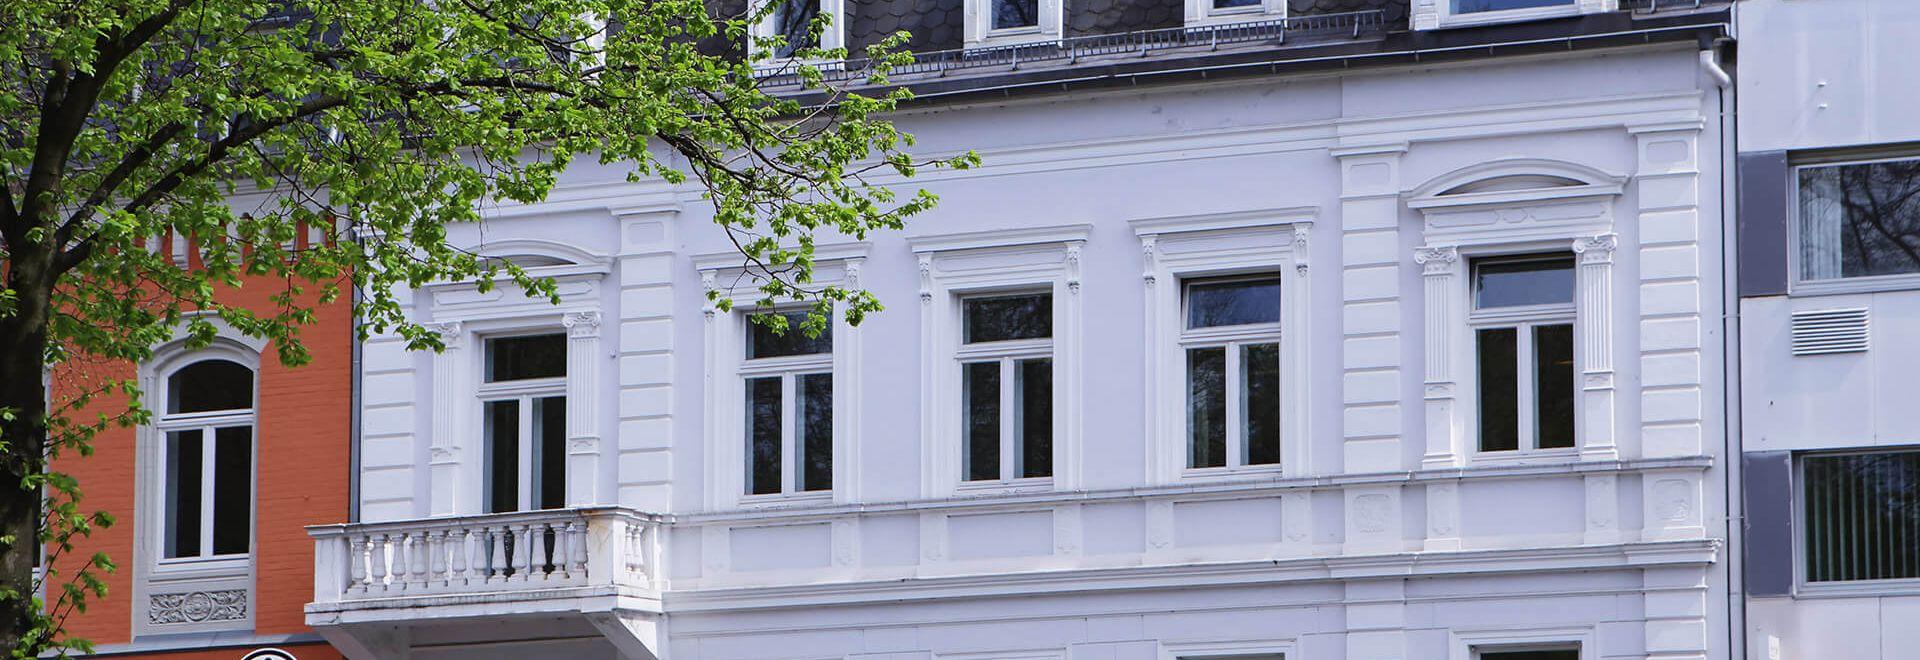 Fassade Paulinenstraße 37